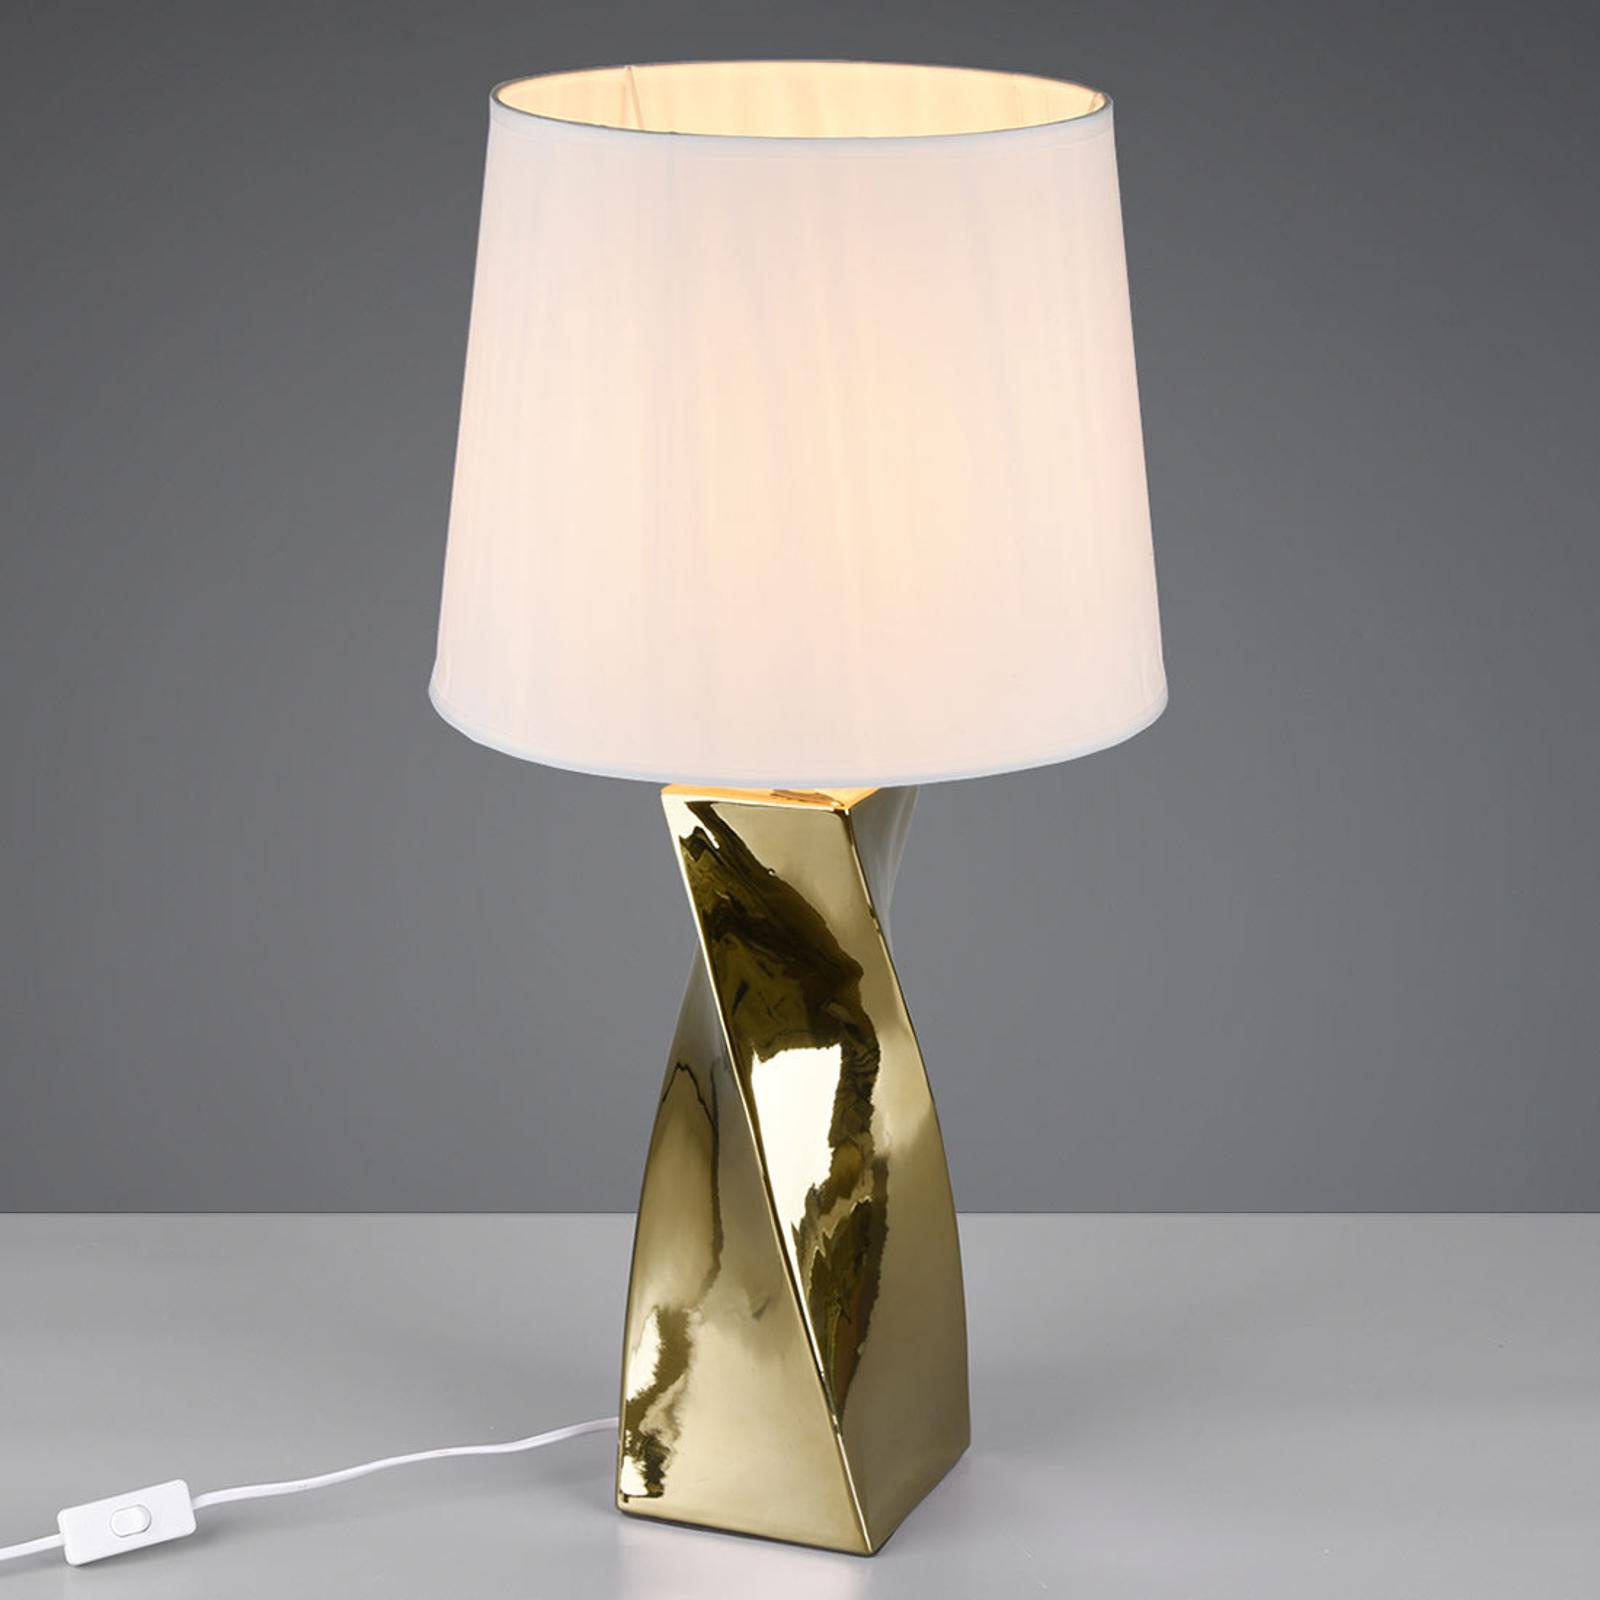 Pöytälamppu Abeba, Ø 34 cm, valkoinen-kulta